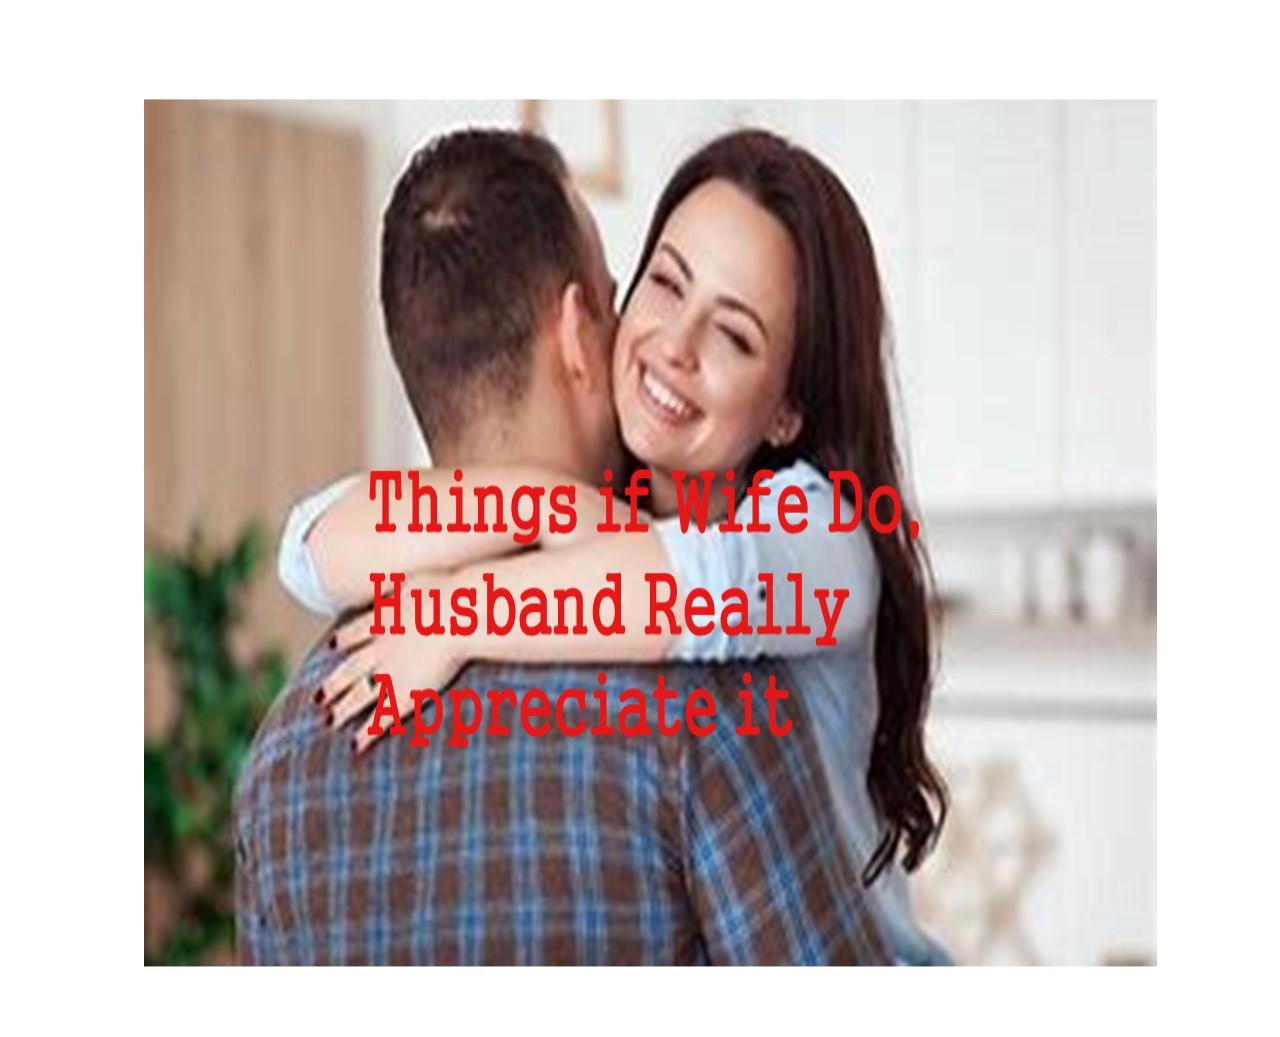 Wife,Husband,Appreciate